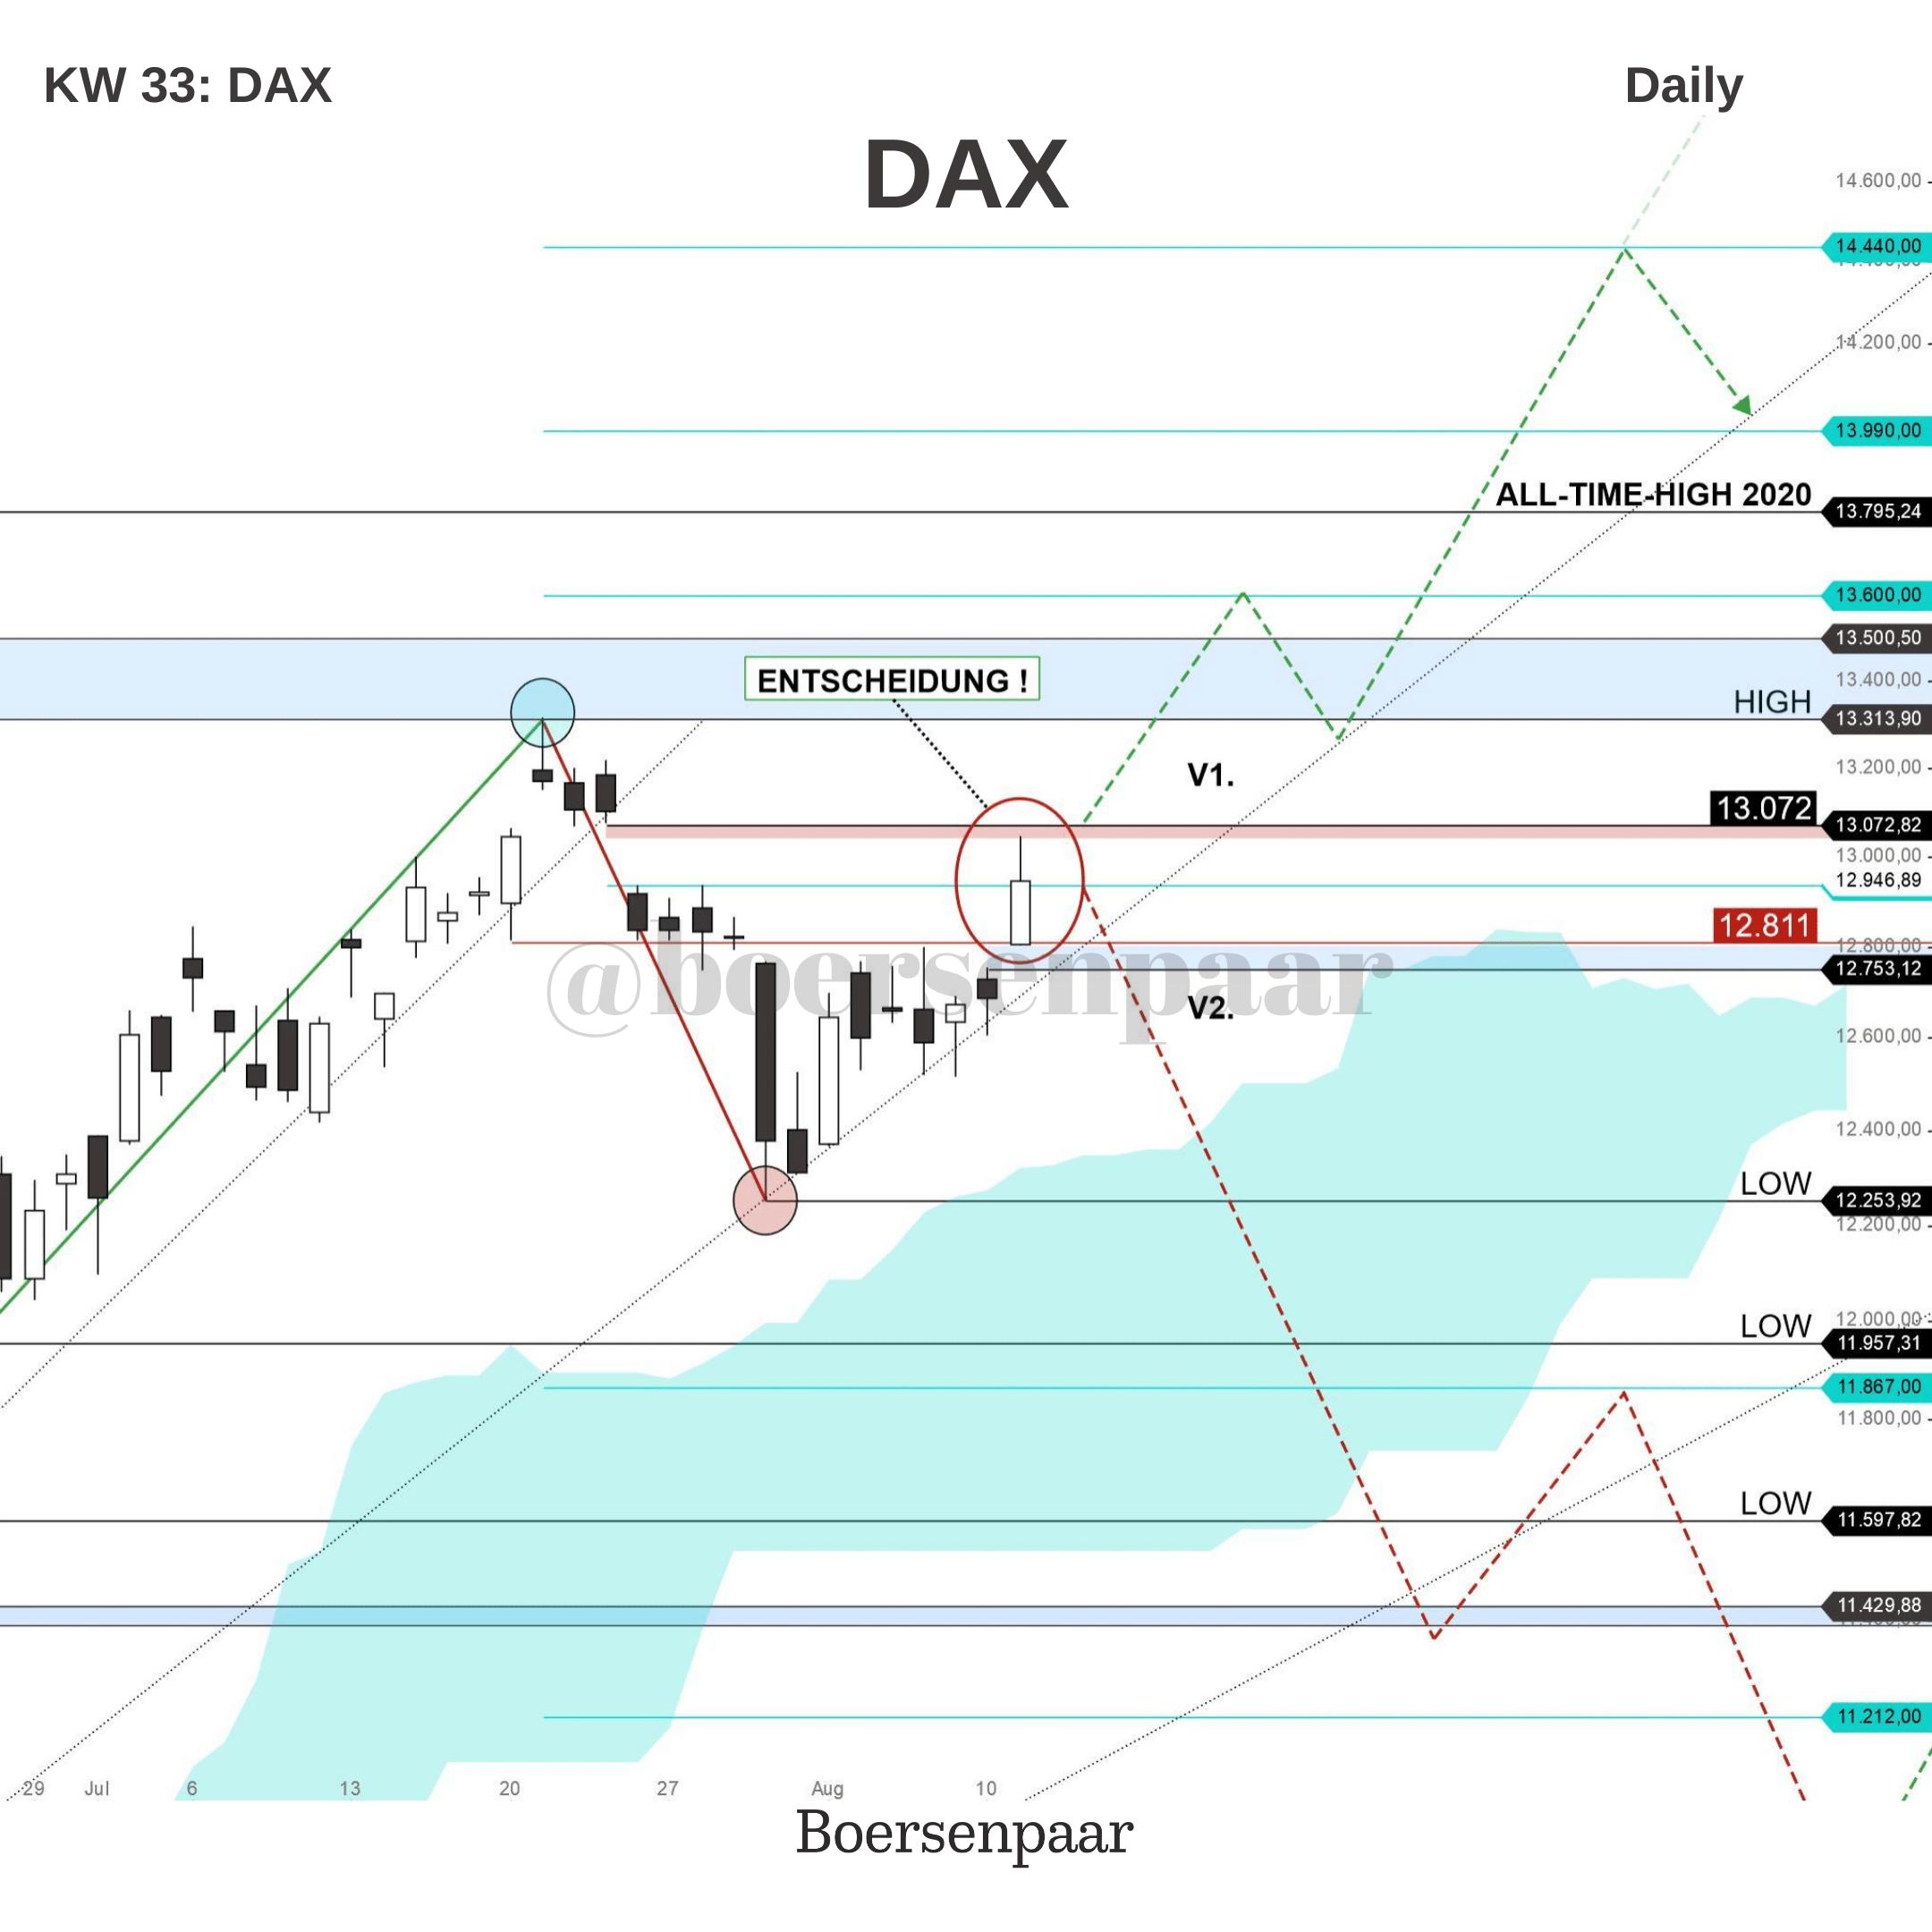 DAX Analyse - KW 33